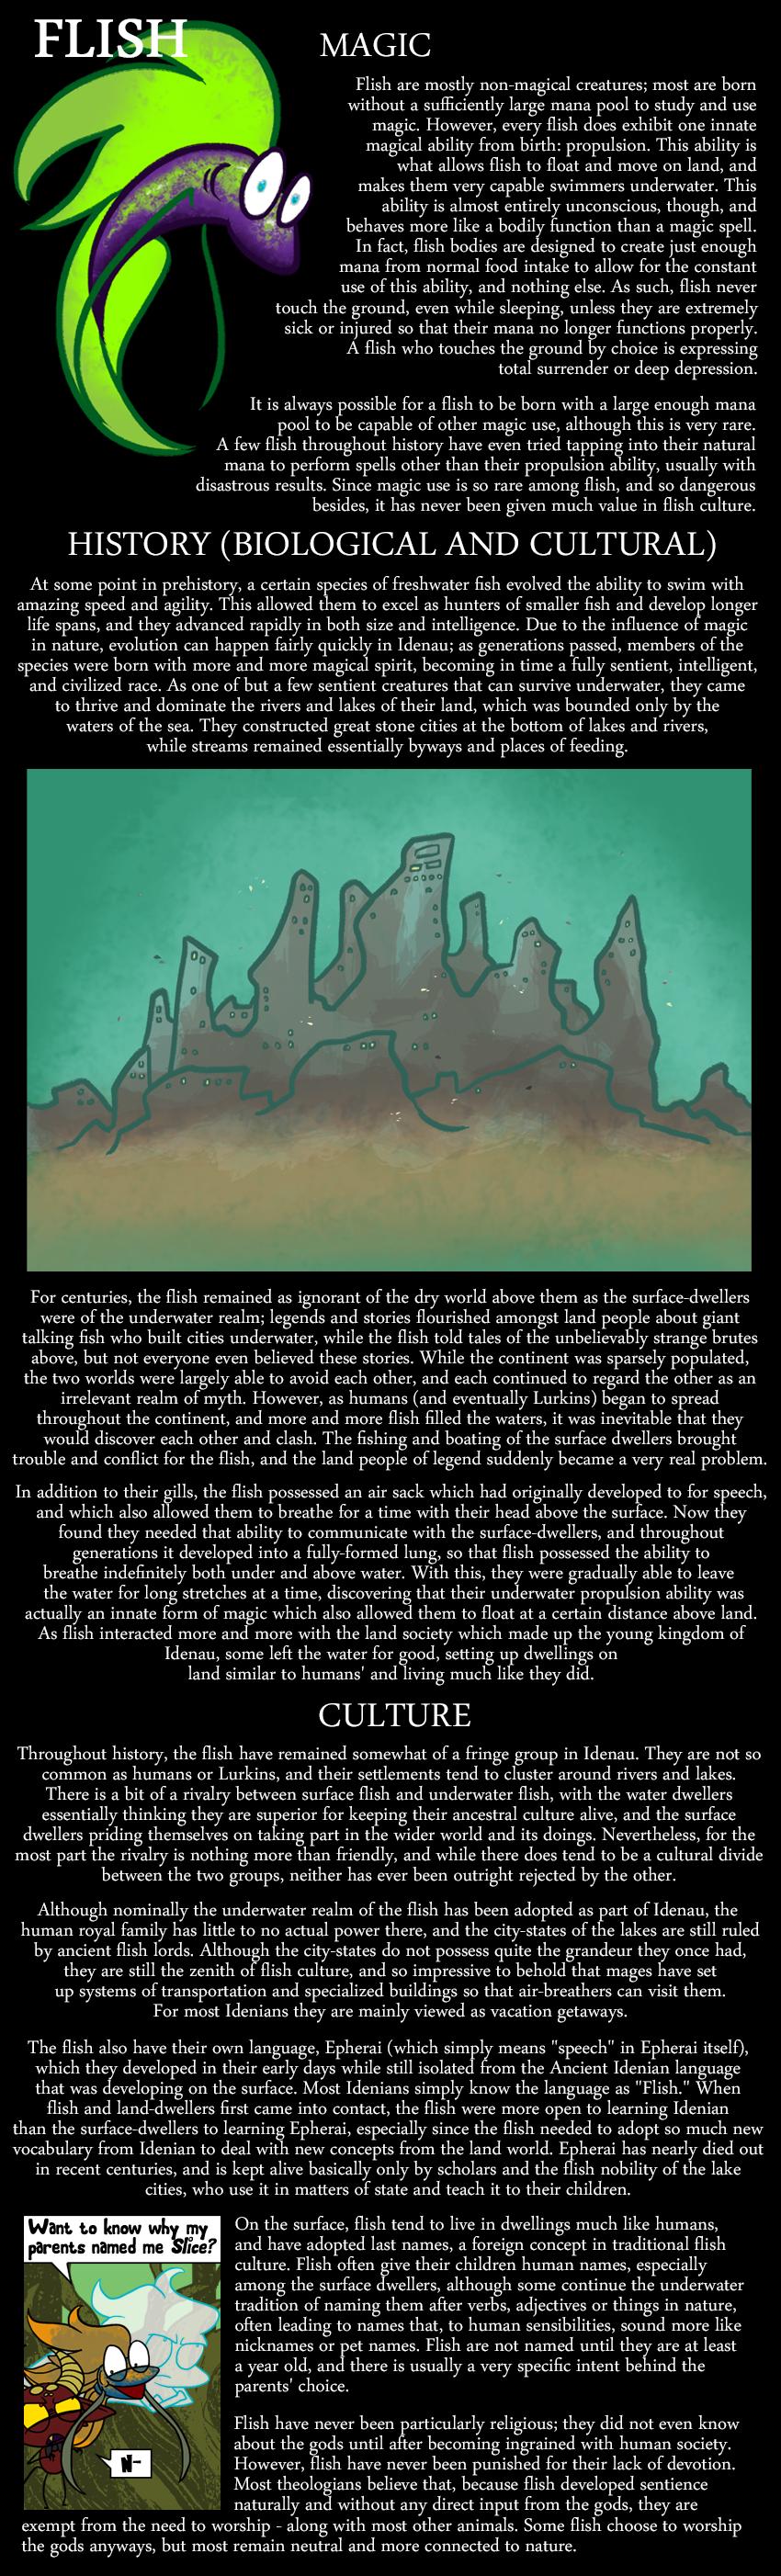 Encyclopedia of Idenau: Flish